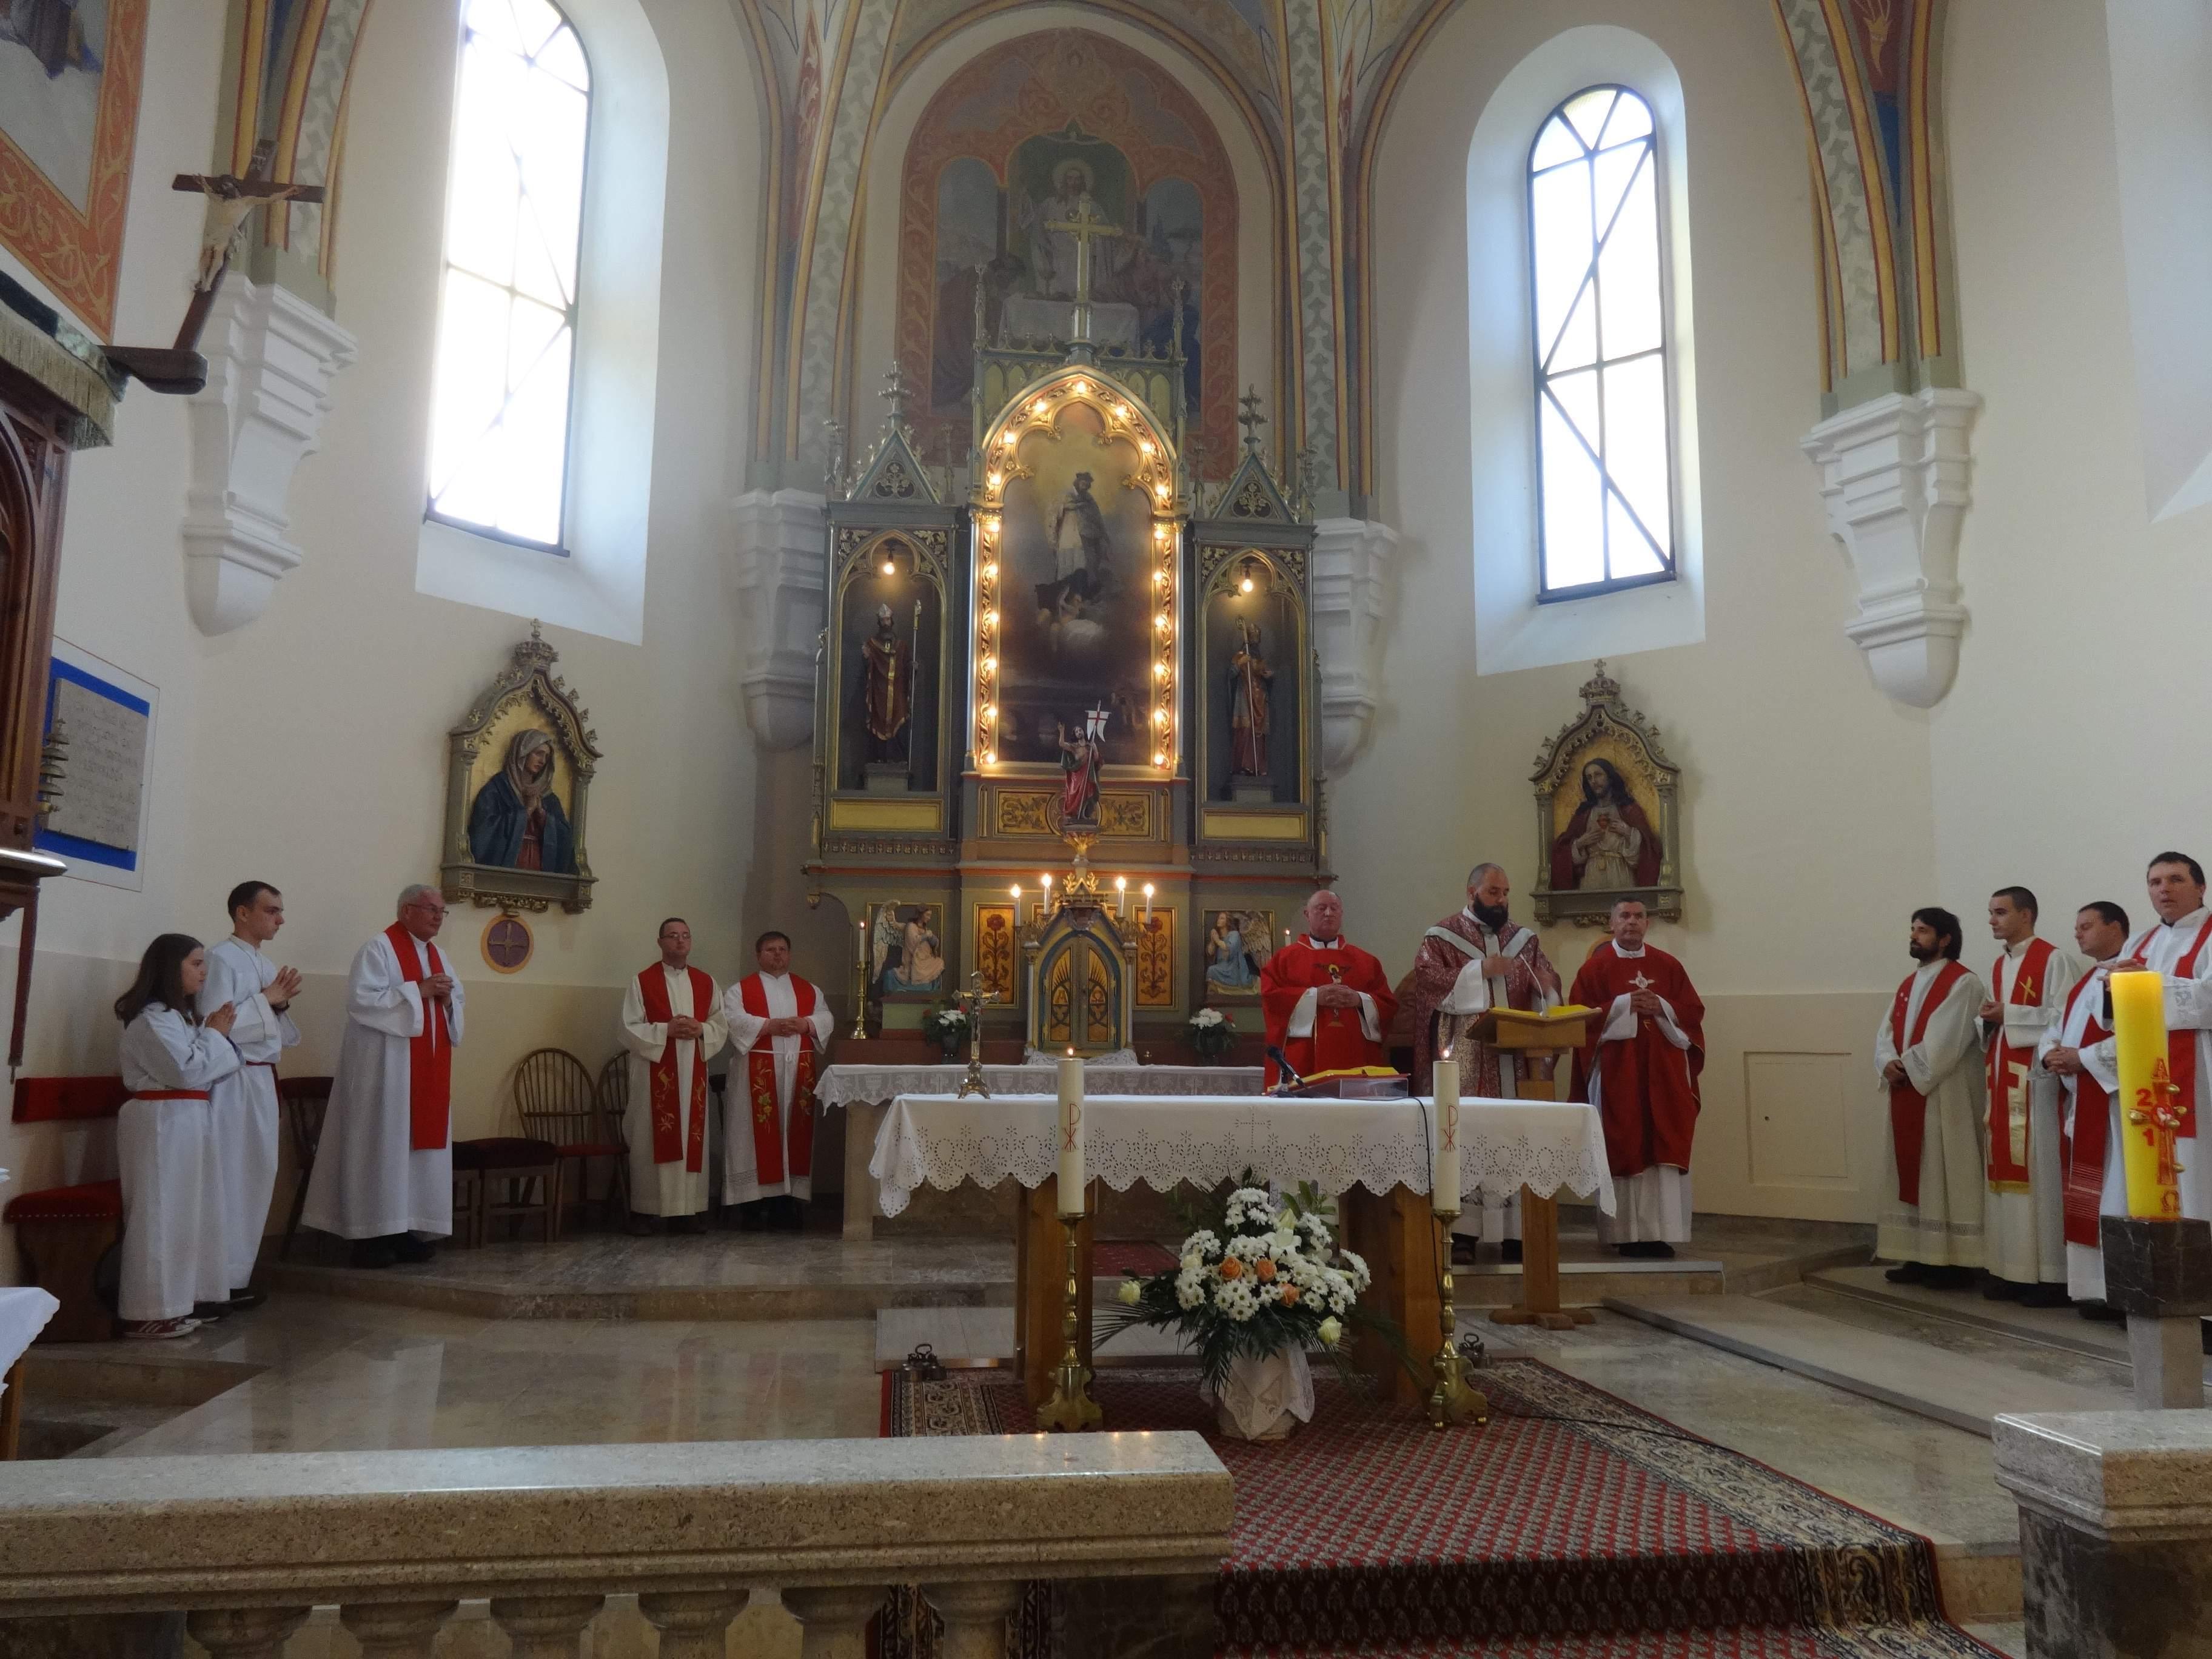 Svecanom Misom Katolicki Vjernici Proslavili Dan Zupe I Blagdan